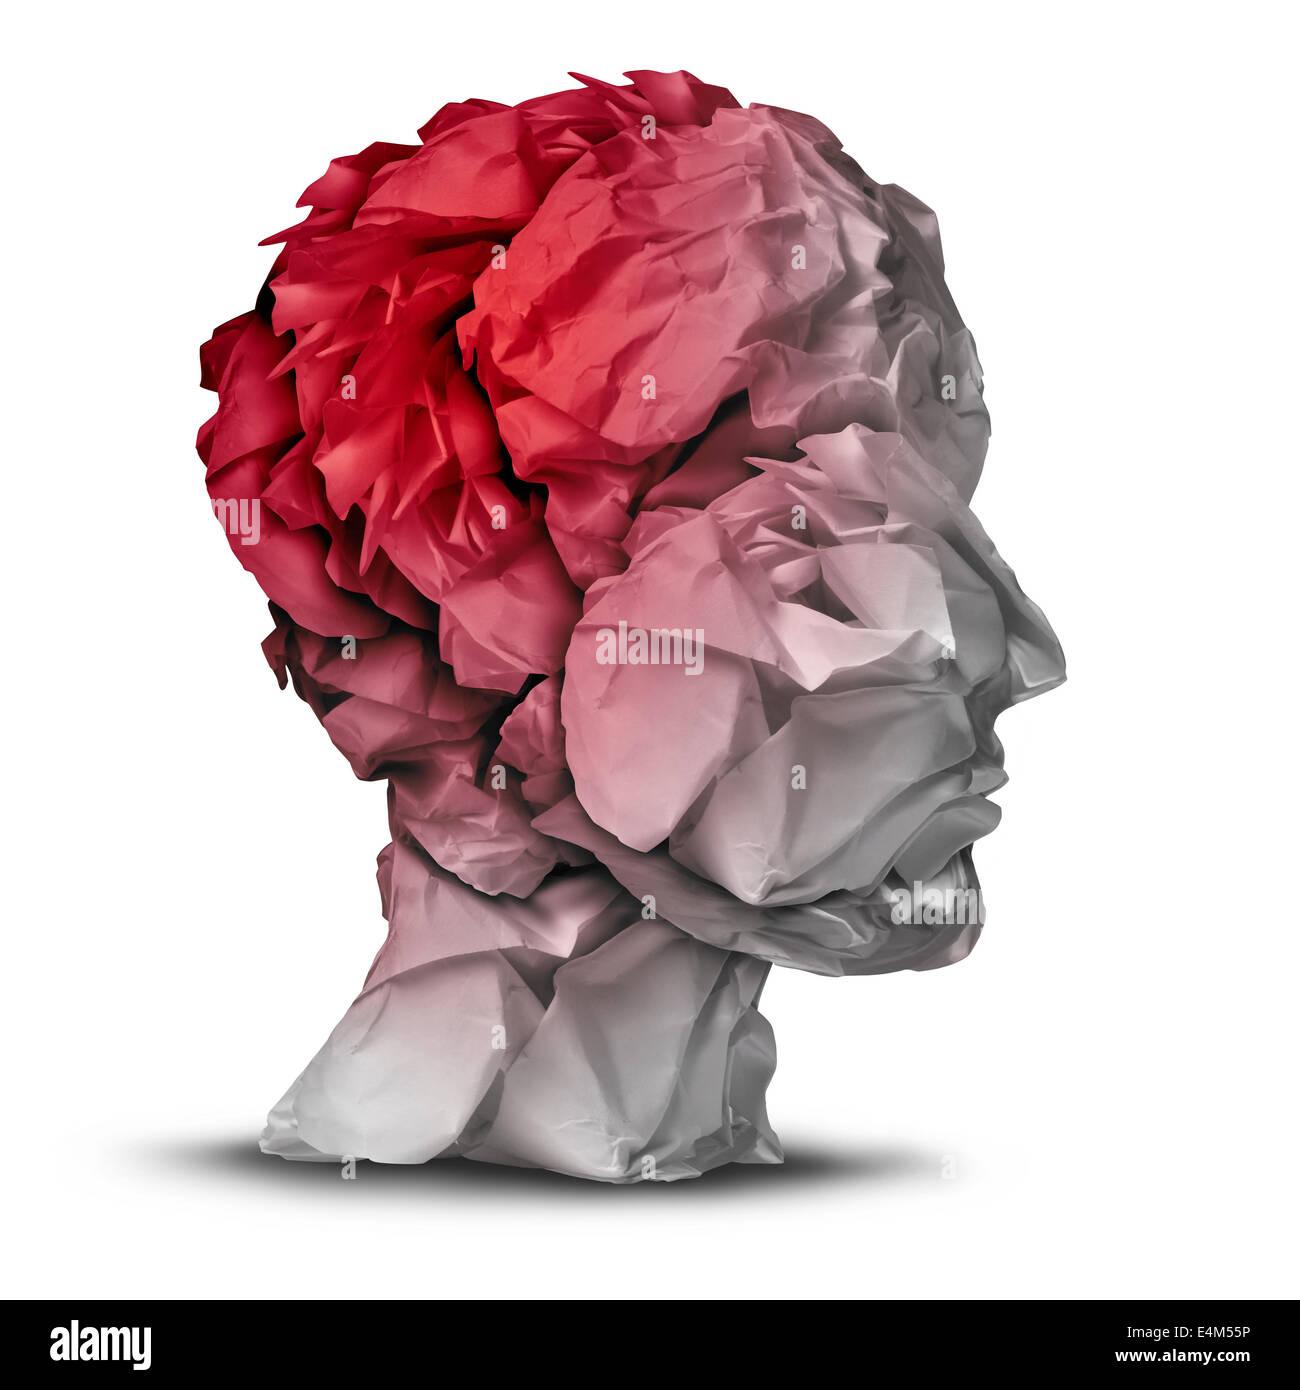 Blessure à la tête et d'un traumatisme cérébral accident medical et de soins de santé Photo Stock